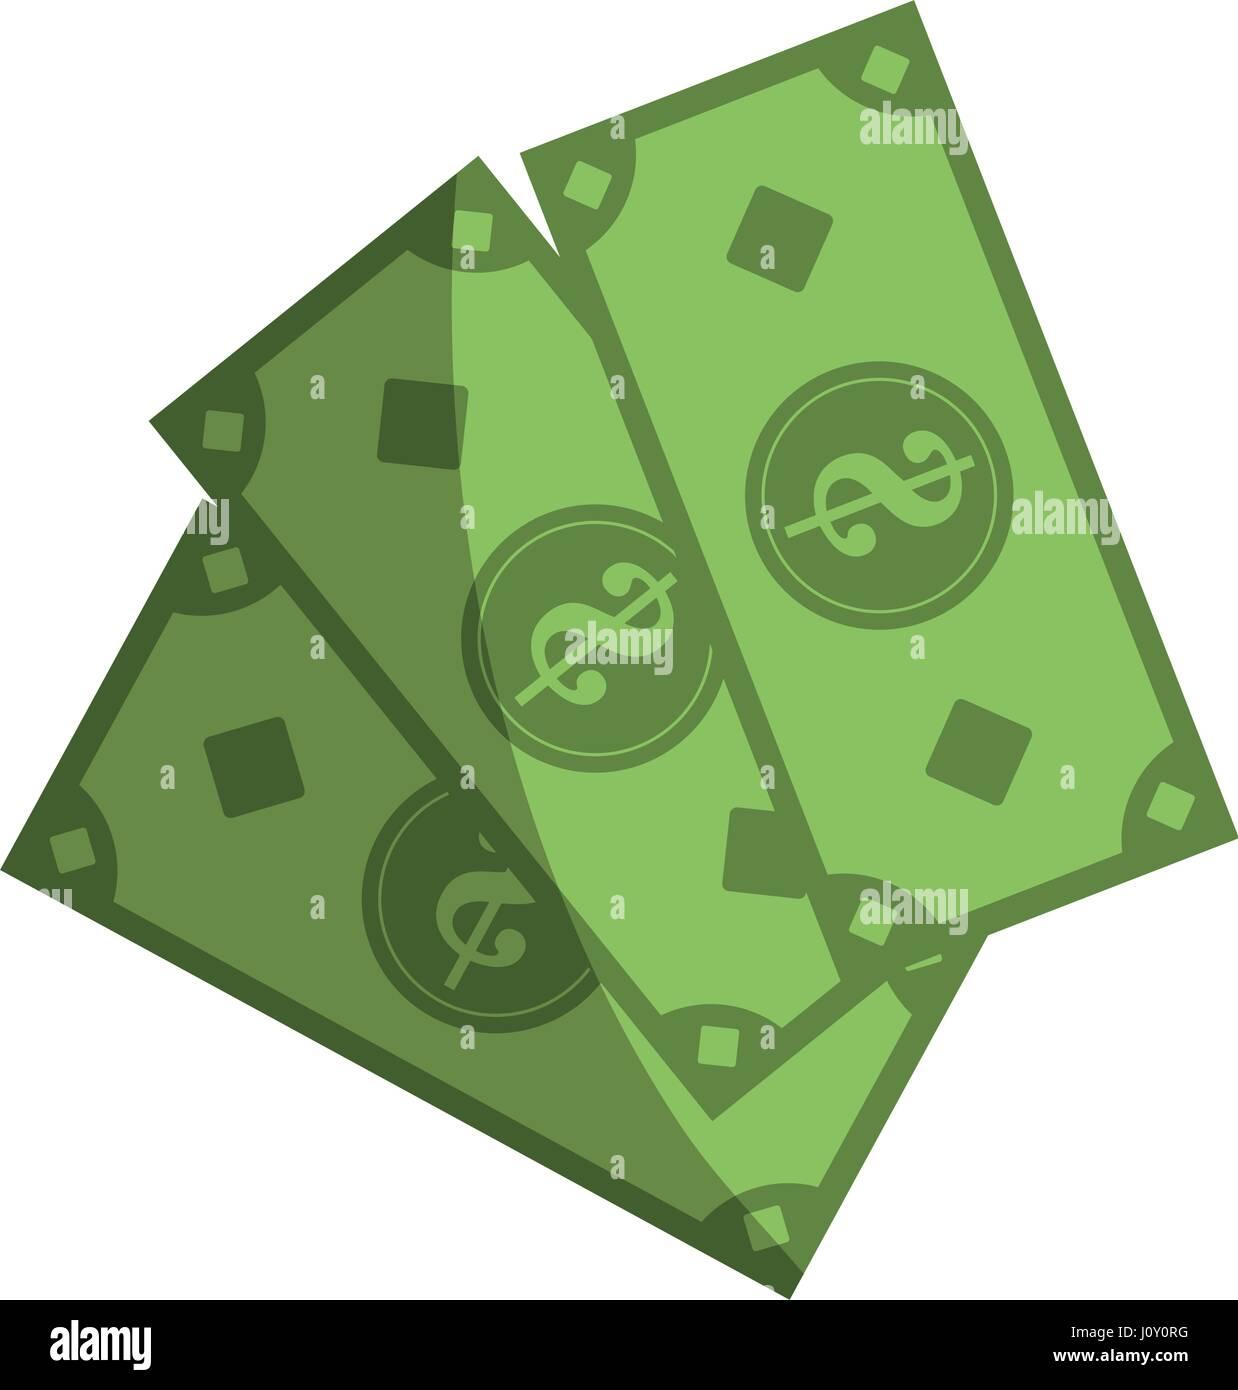 money bills icon - Stock Image